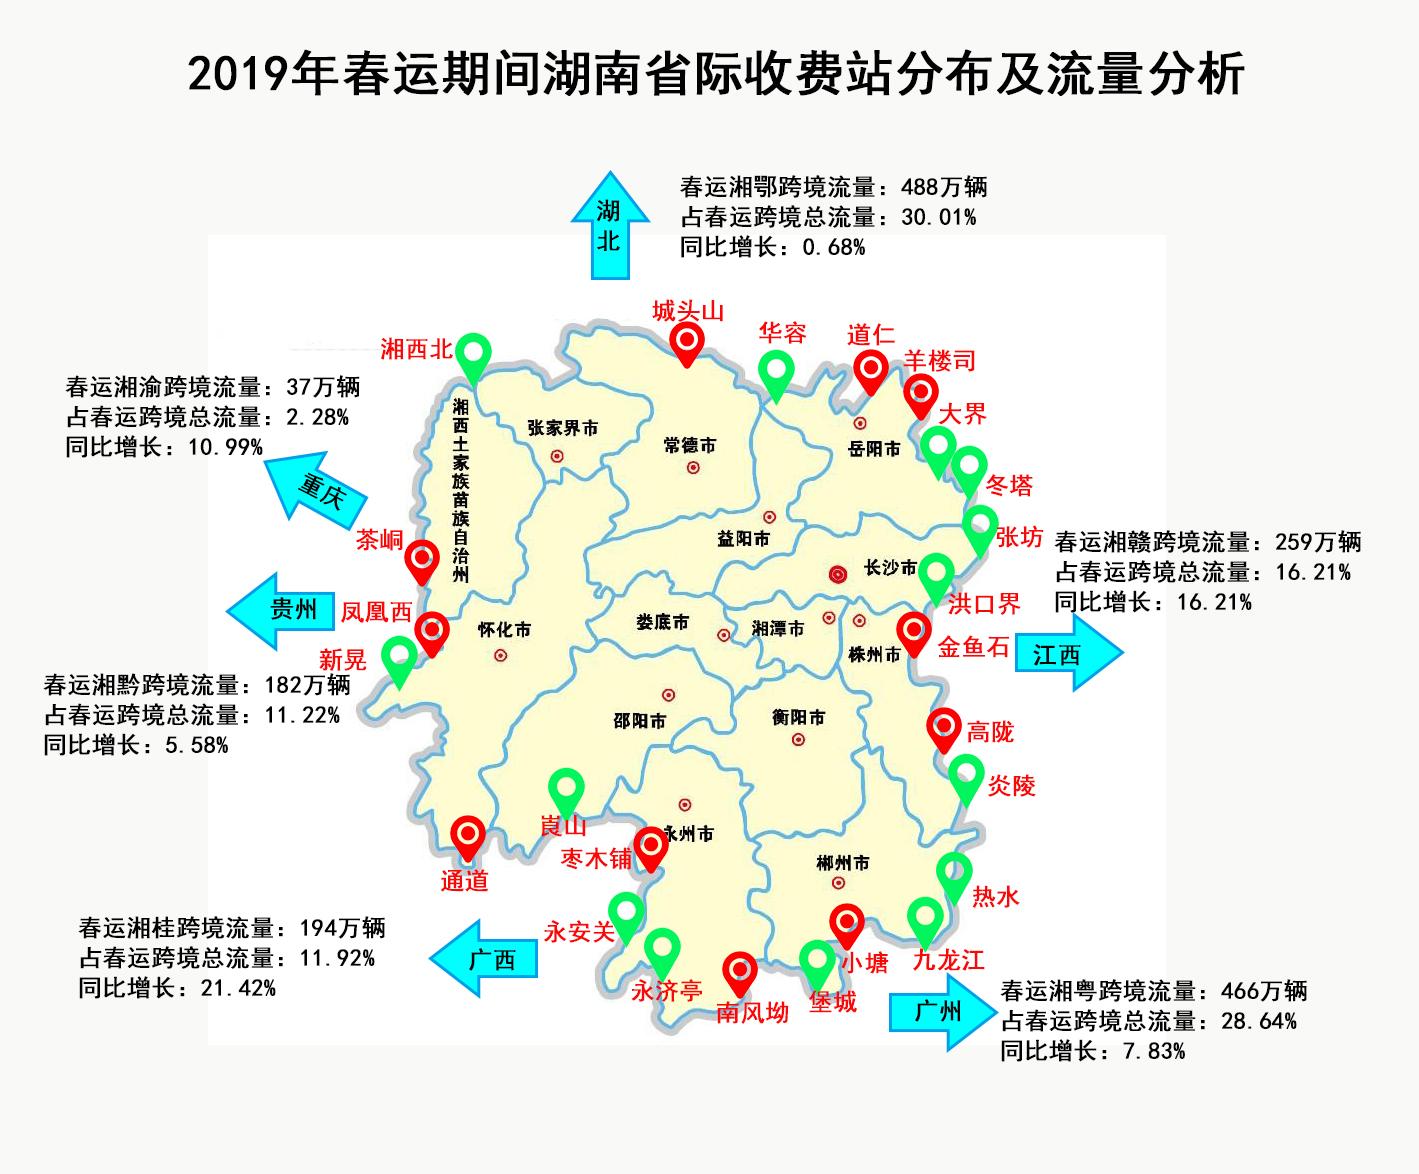 2019春运:节后首个工作日公路运行平稳